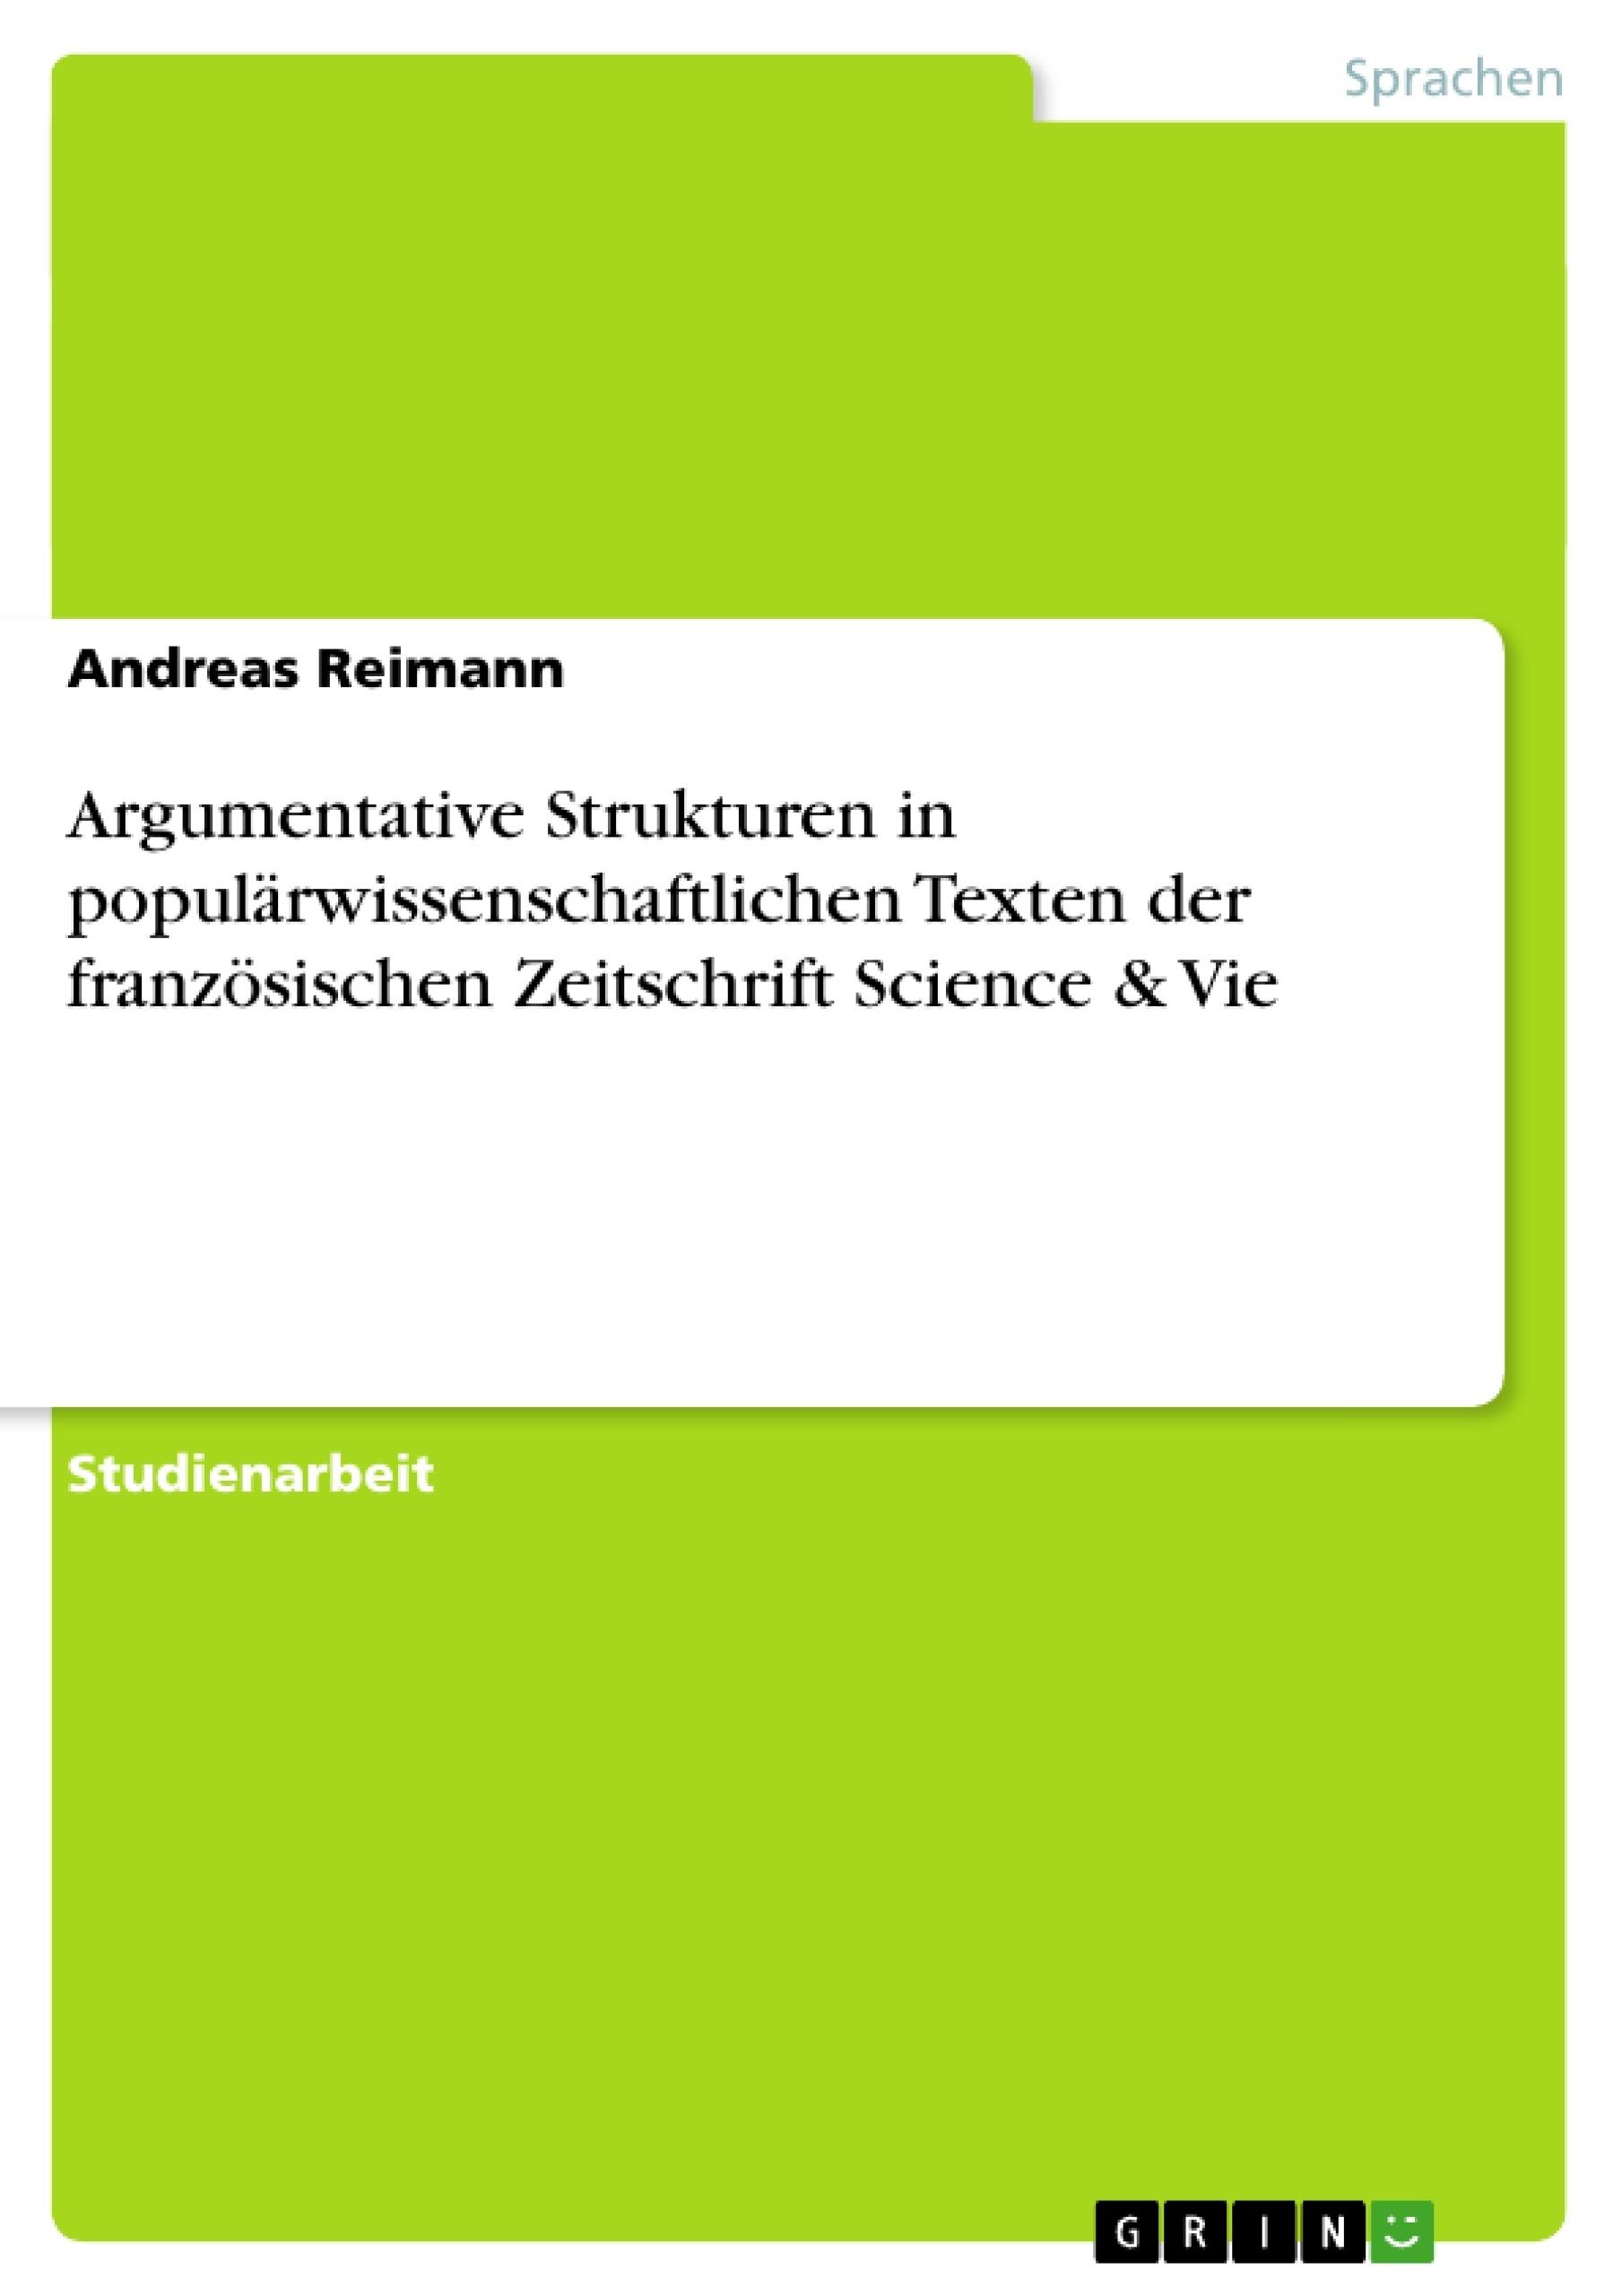 Titel: Argumentative Strukturen in populärwissenschaftlichen Texten der französischen Zeitschrift Science & Vie